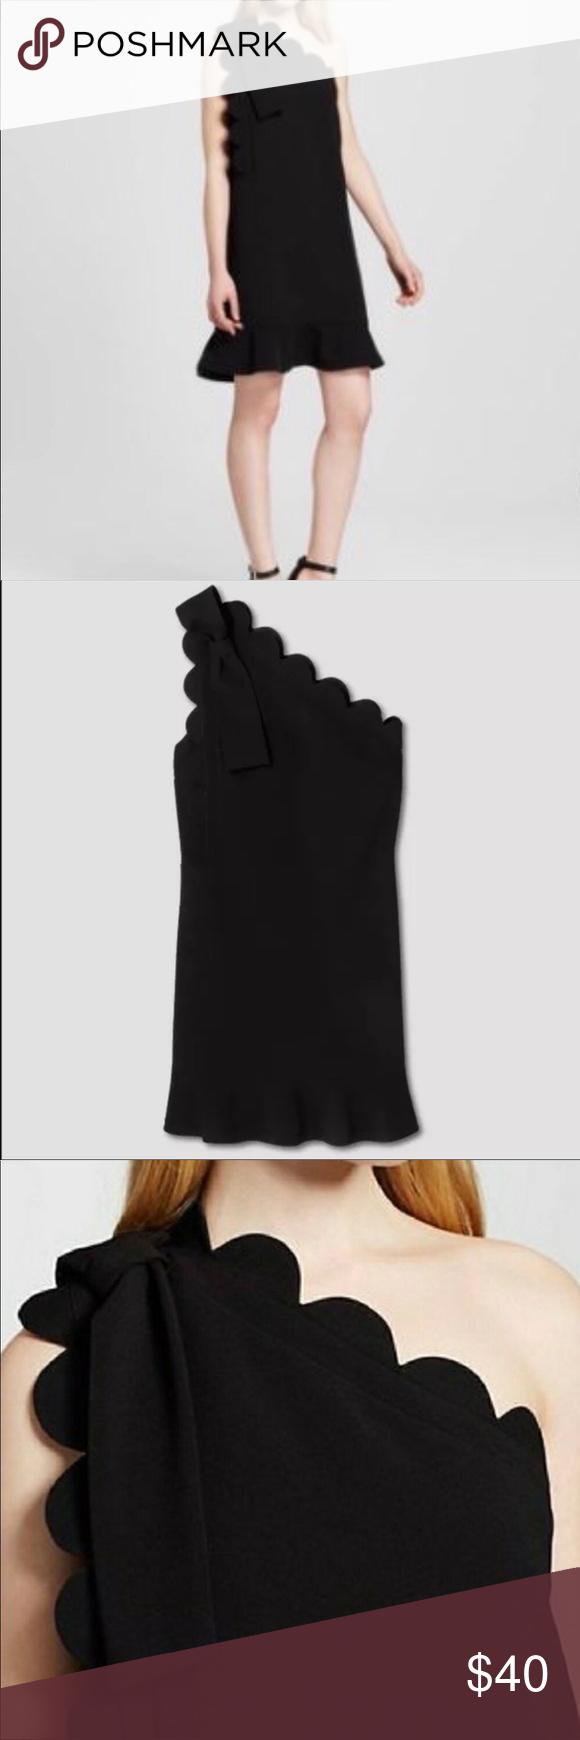 Victoria Beckham For Target Little Black Dress Little Black Dress Victoria Beckham Target Black Dress [ 1740 x 580 Pixel ]